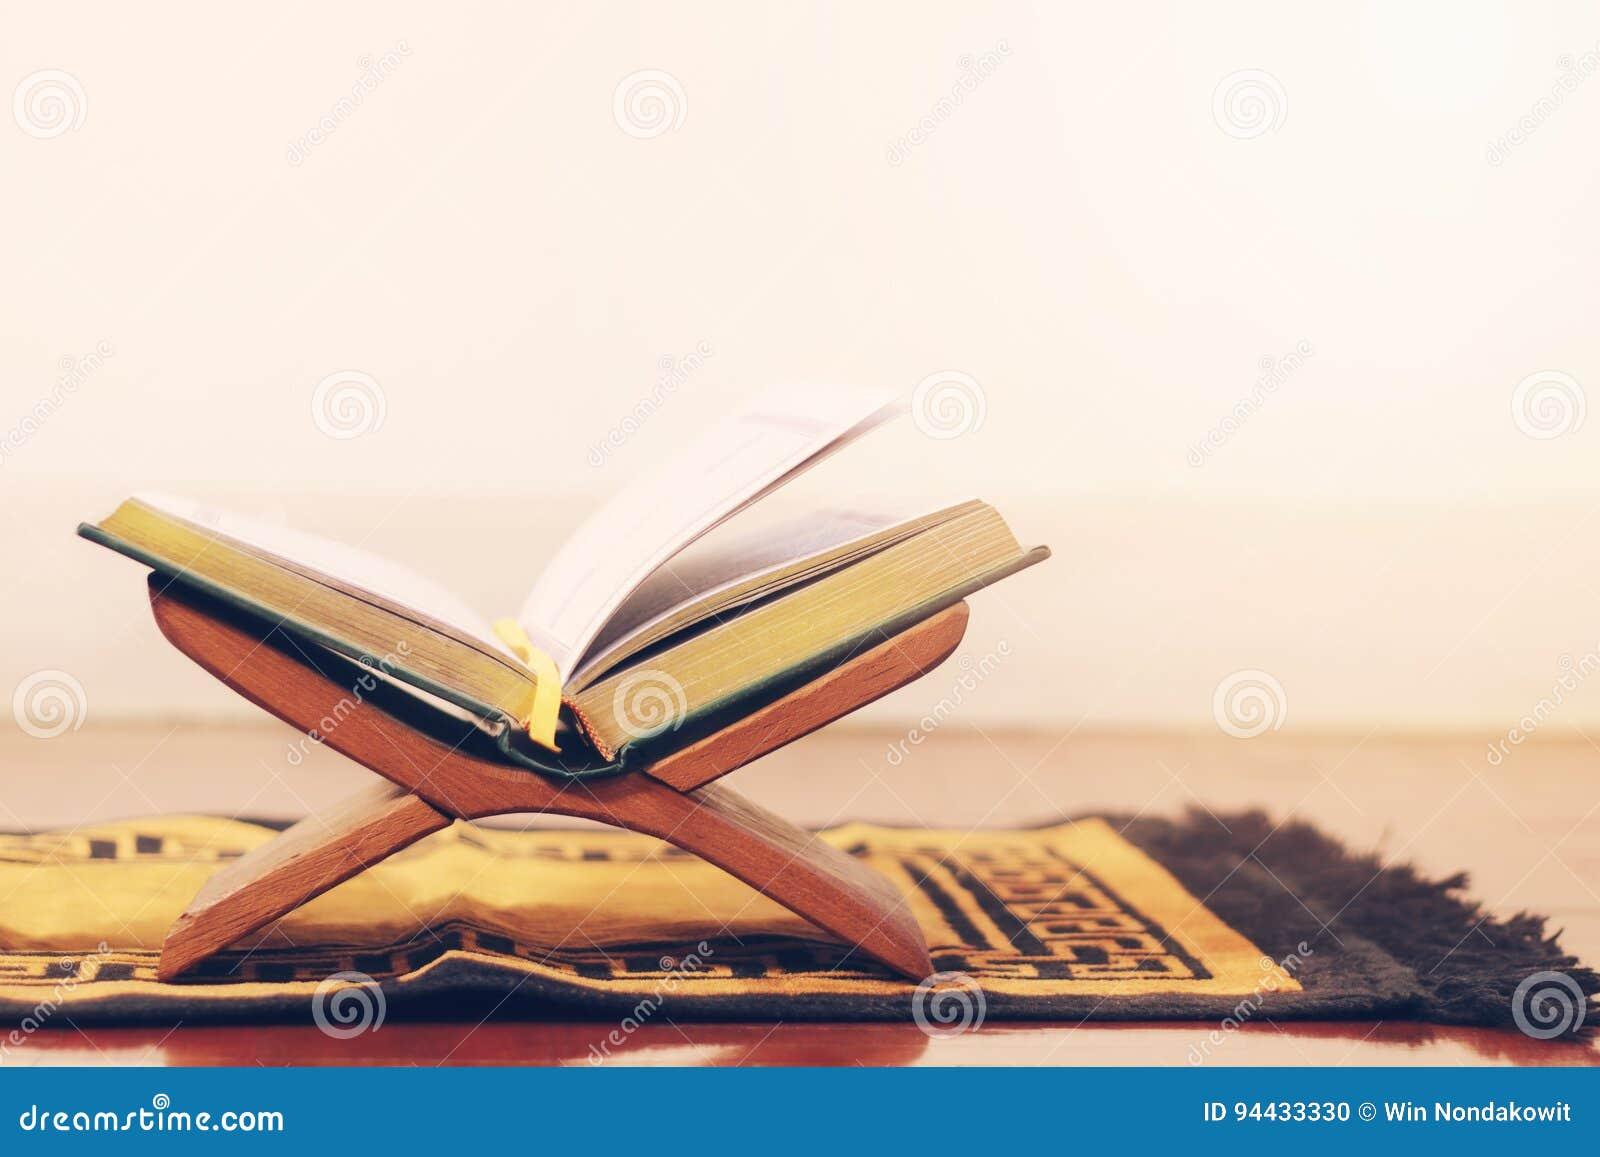 Koran święta księga islam